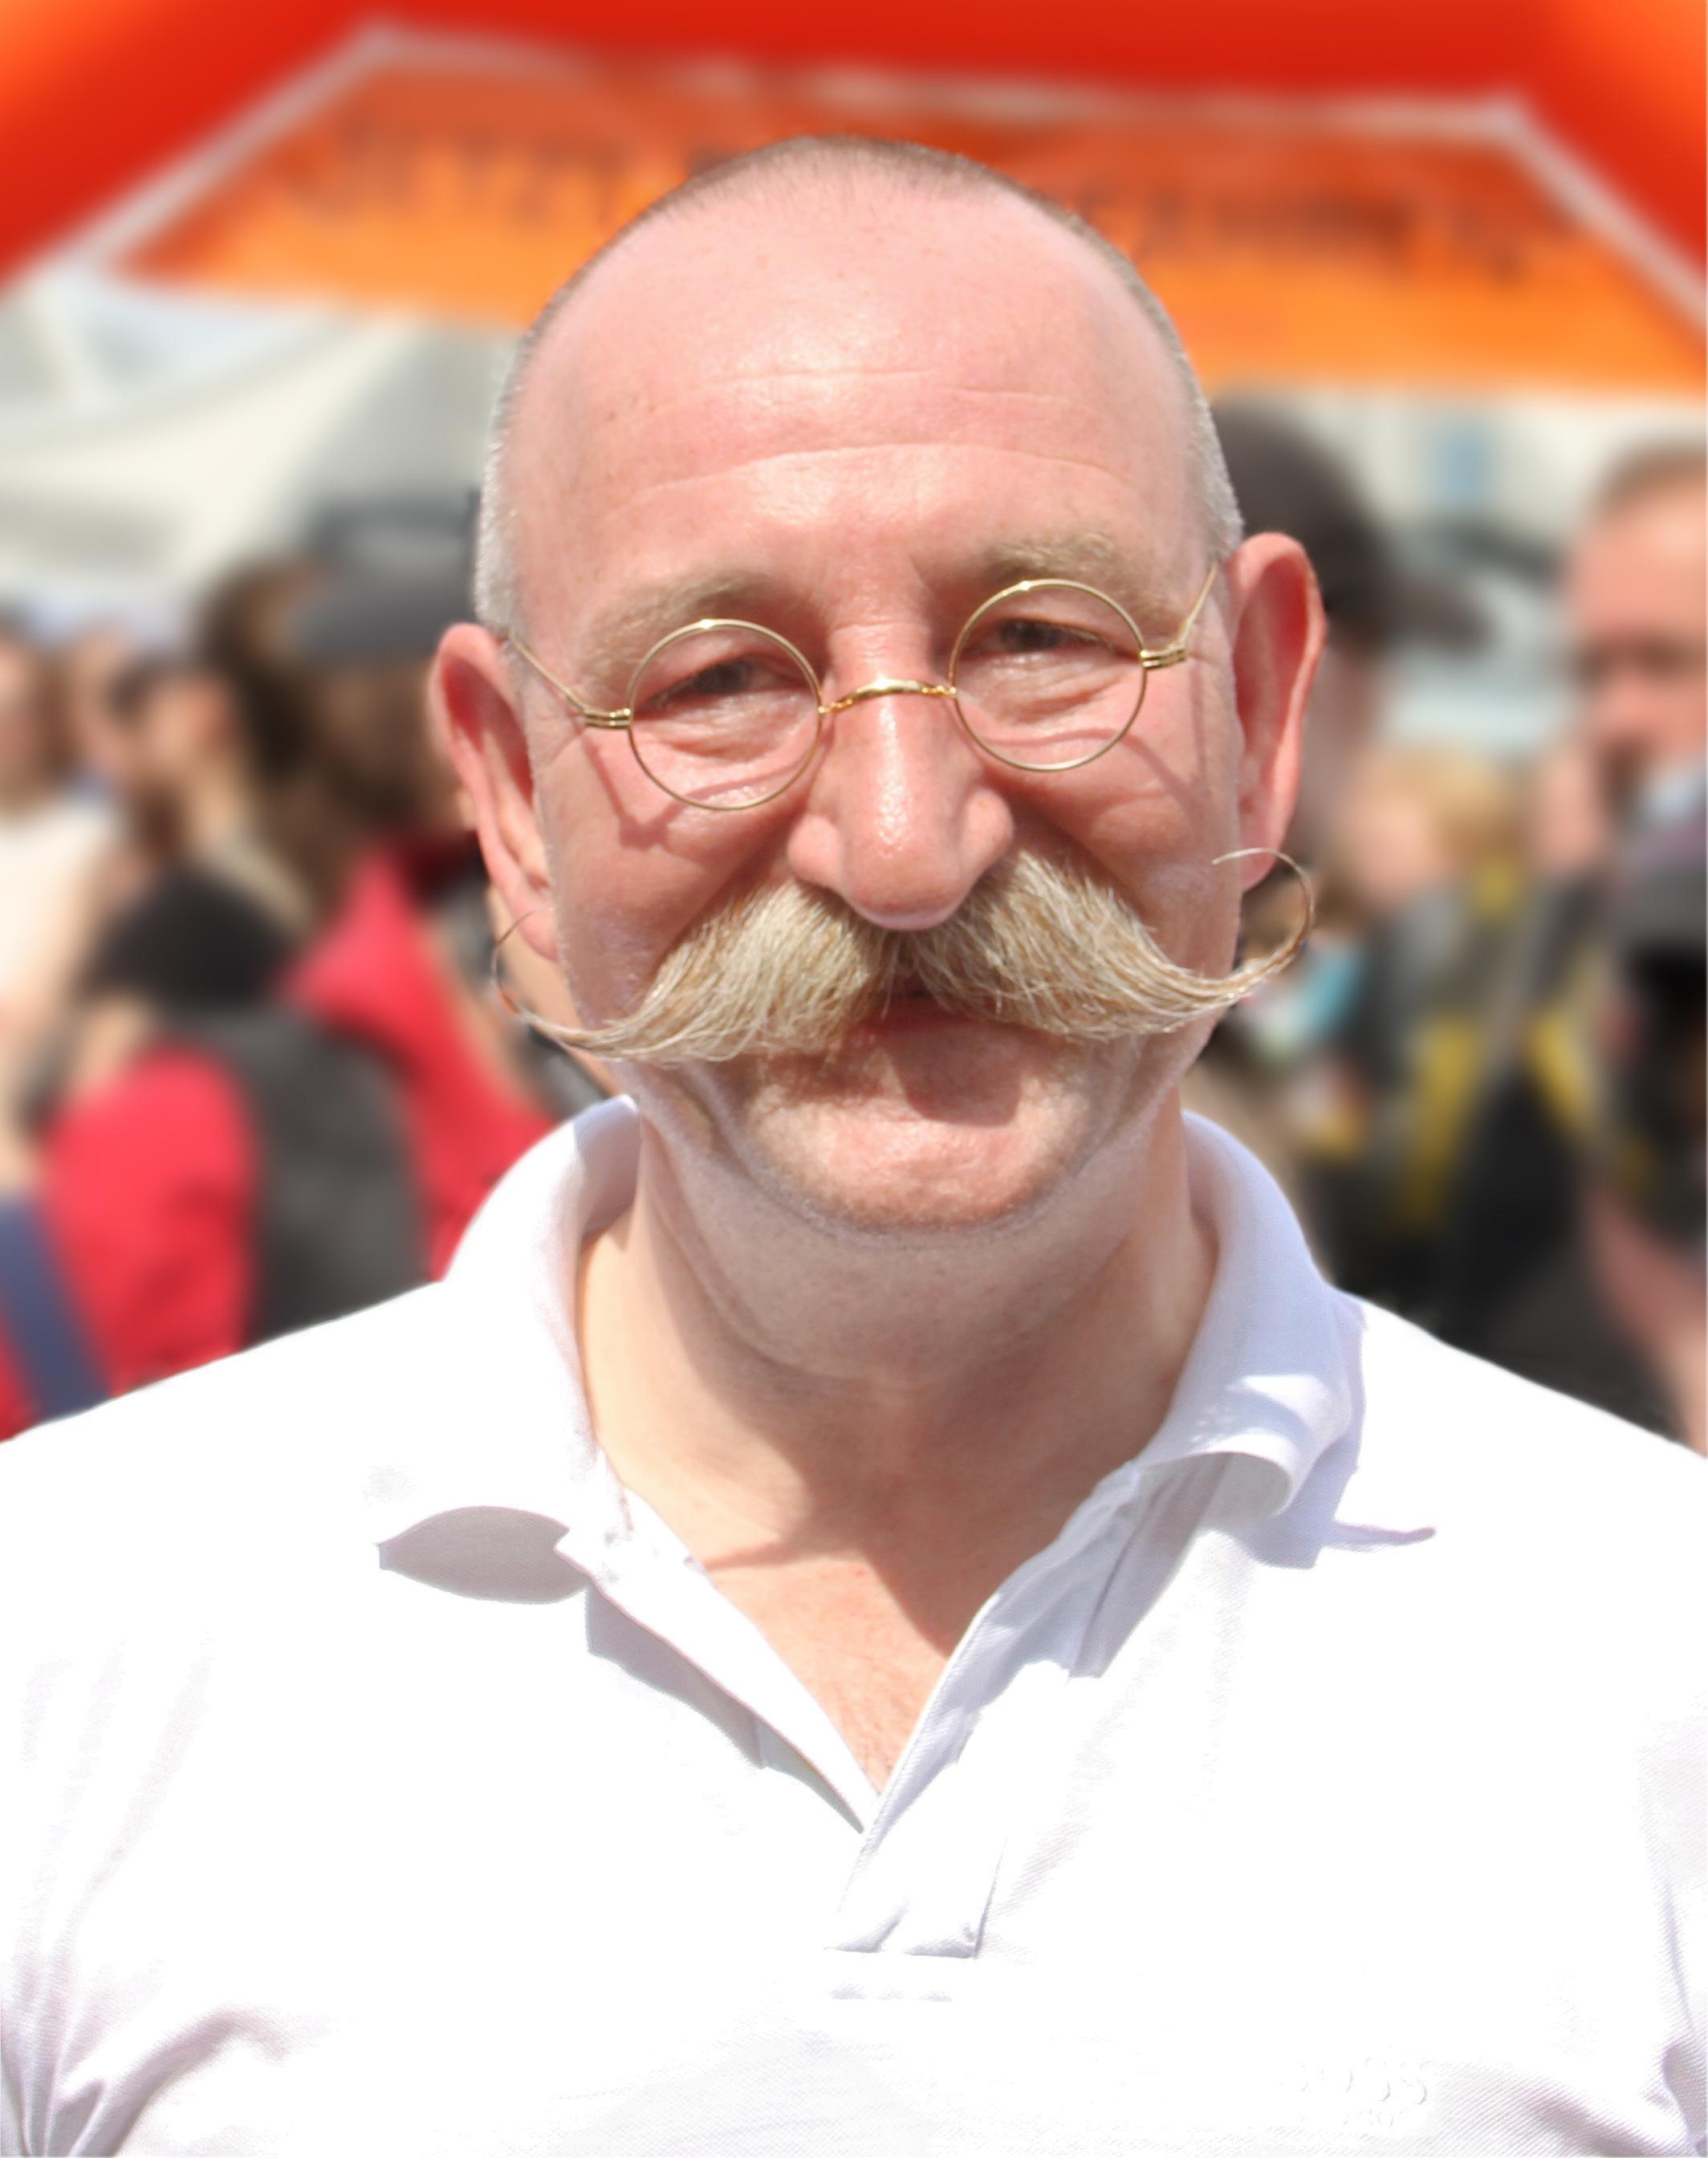 Horst Lichter Größe